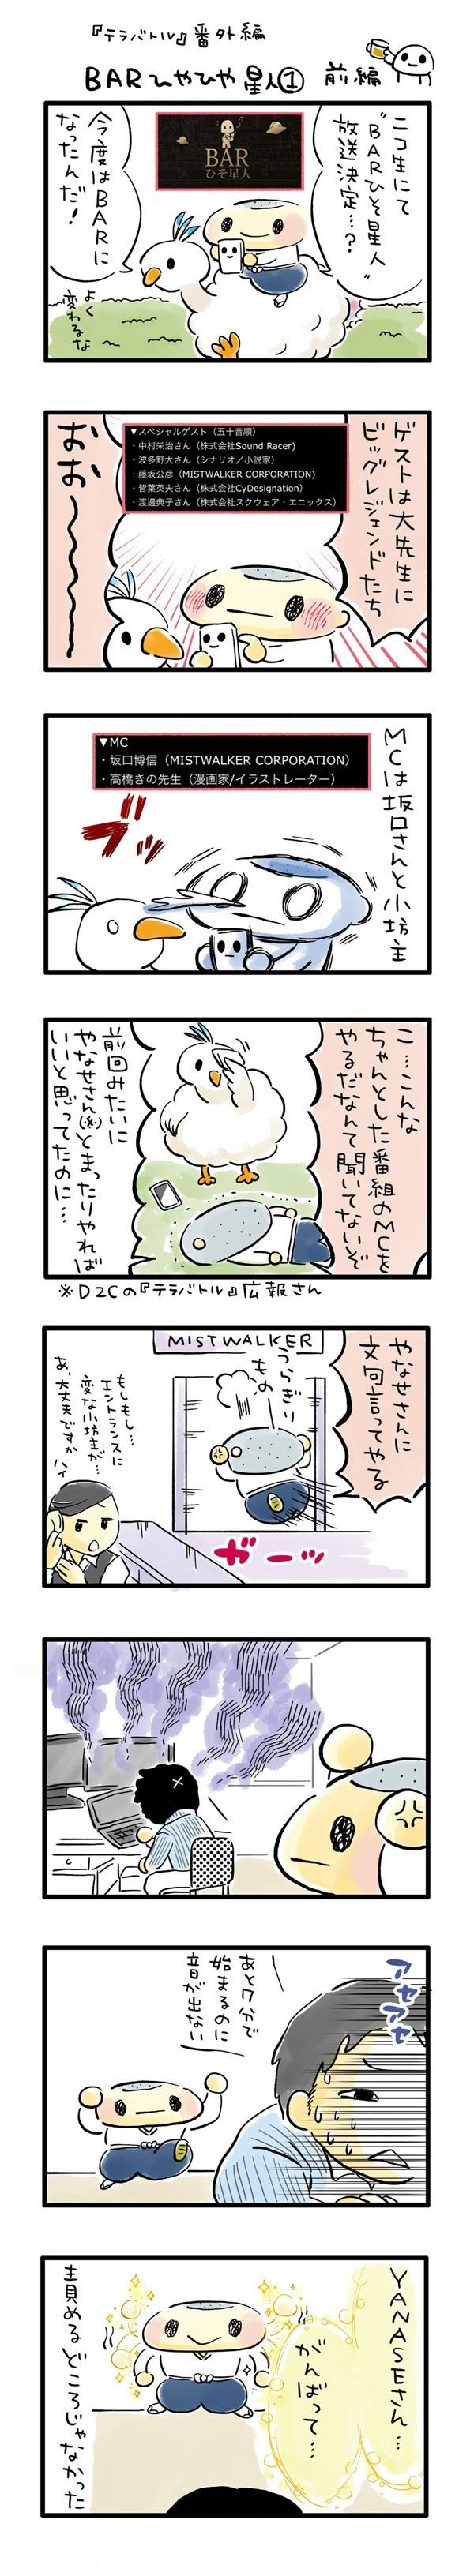 barhiso_01